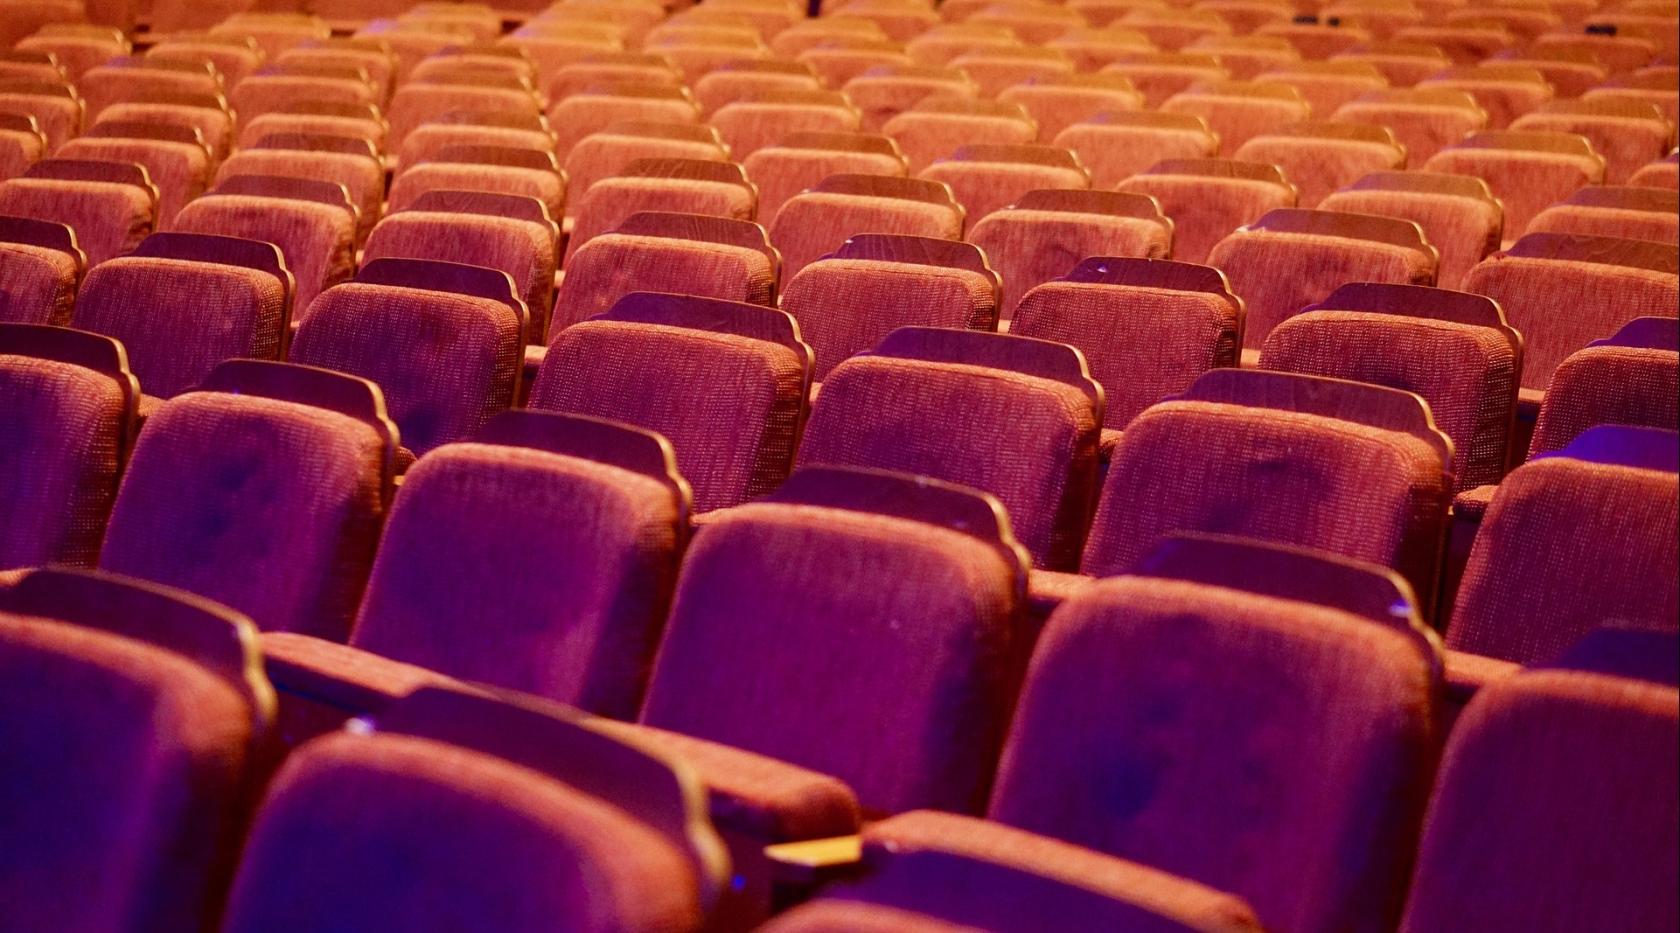 Eventi Teatro dell'Opera - Hotel Raffaello Roma 3 stelle